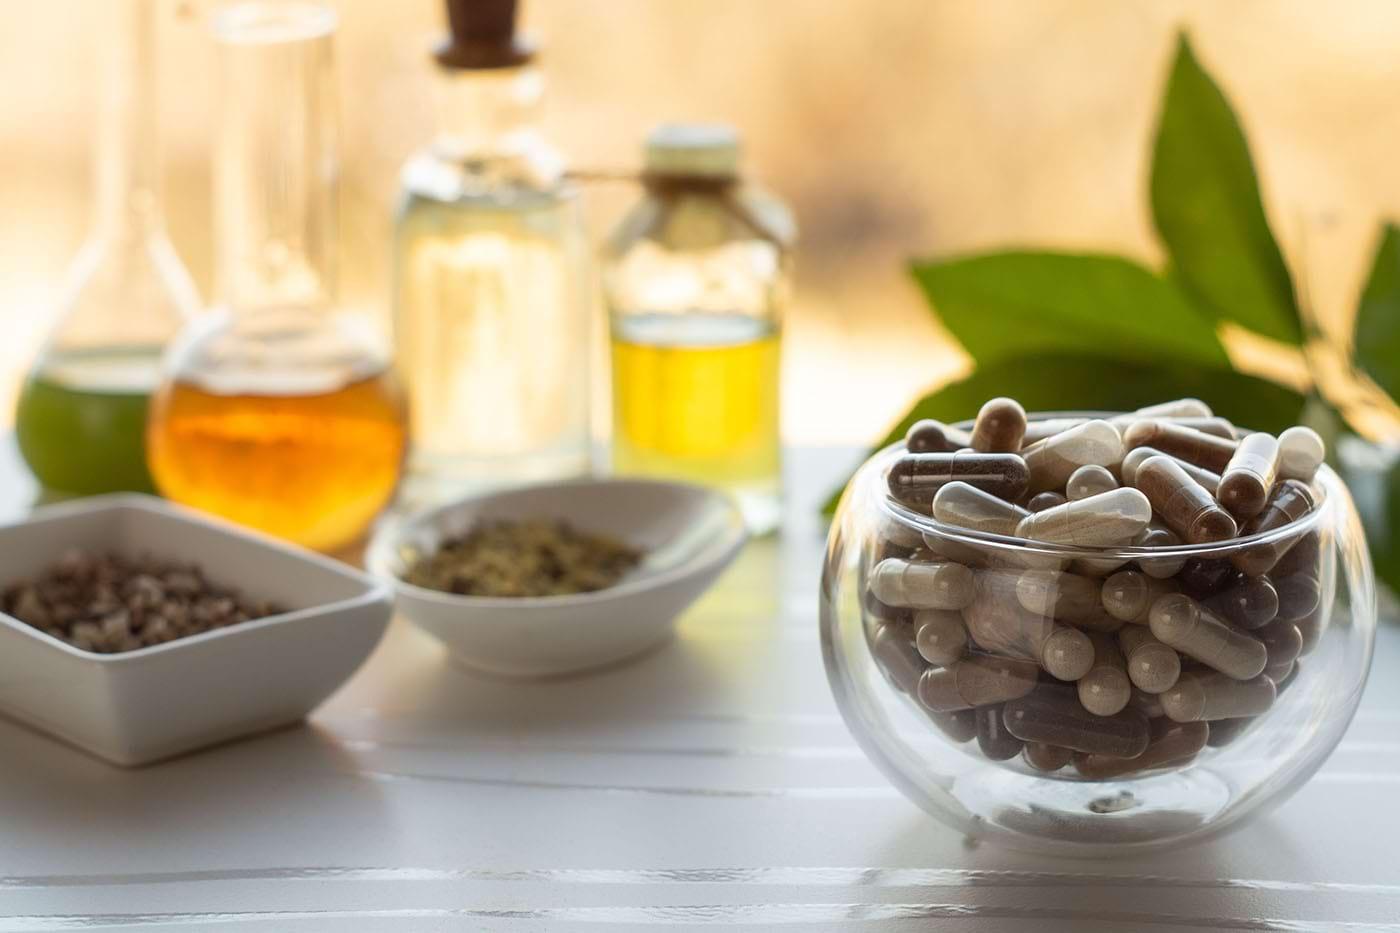 Plante medicinale (și alți aliați) care au beneficii pentru imunitate